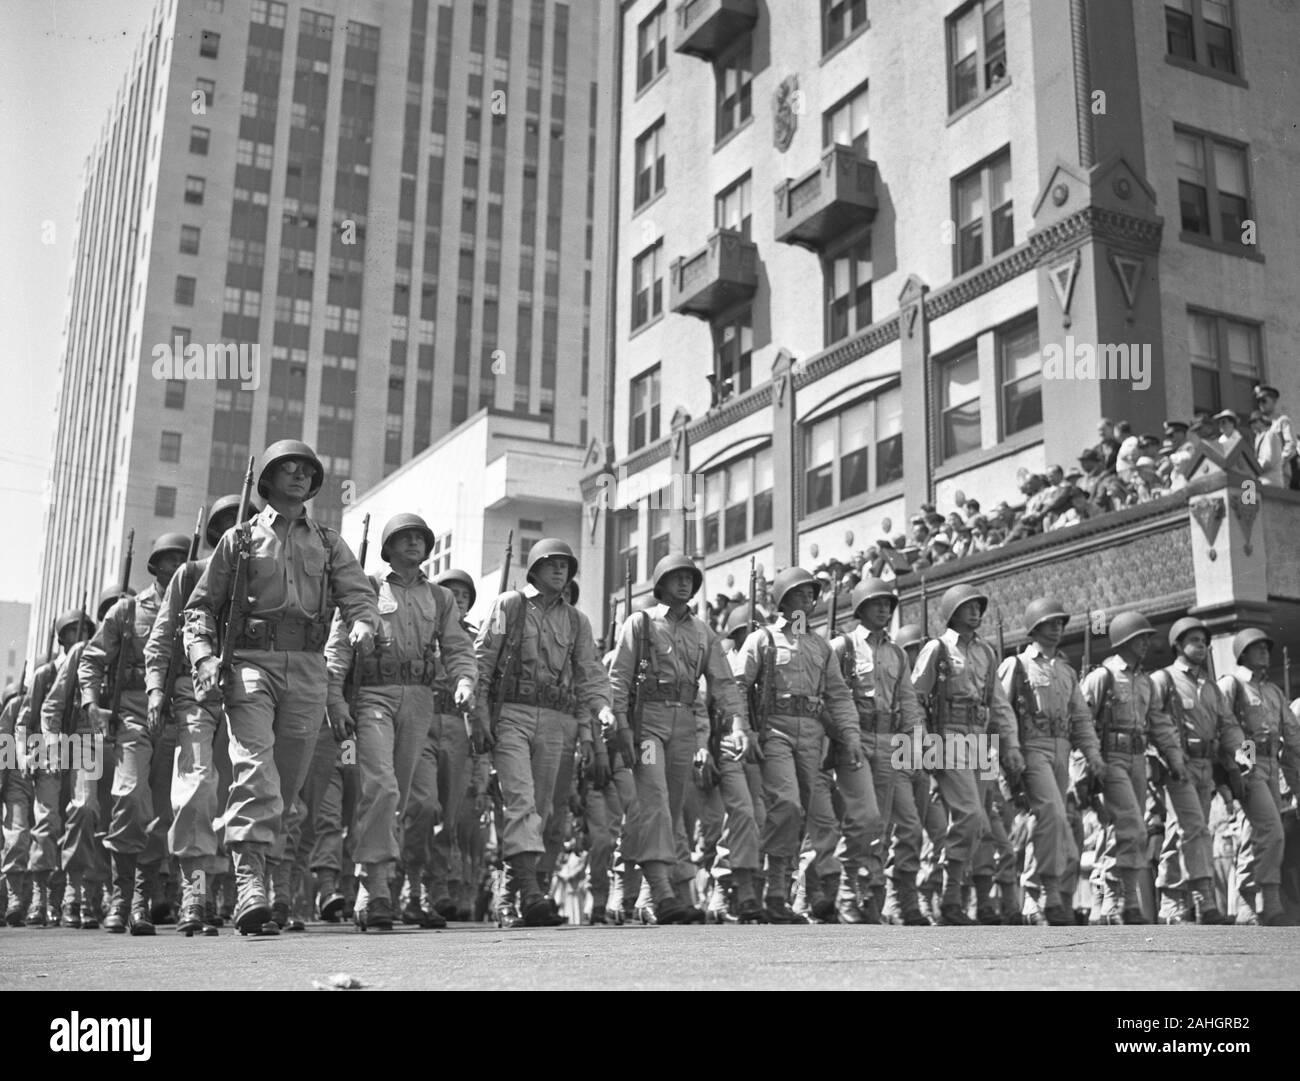 Le truppe americane si preparano a nave fuori per la II Guerra Mondiale, 1942 Miami. La data precisa è sconosciuta, ma probabilmente alla fine di marzo 1942. Foto Stock